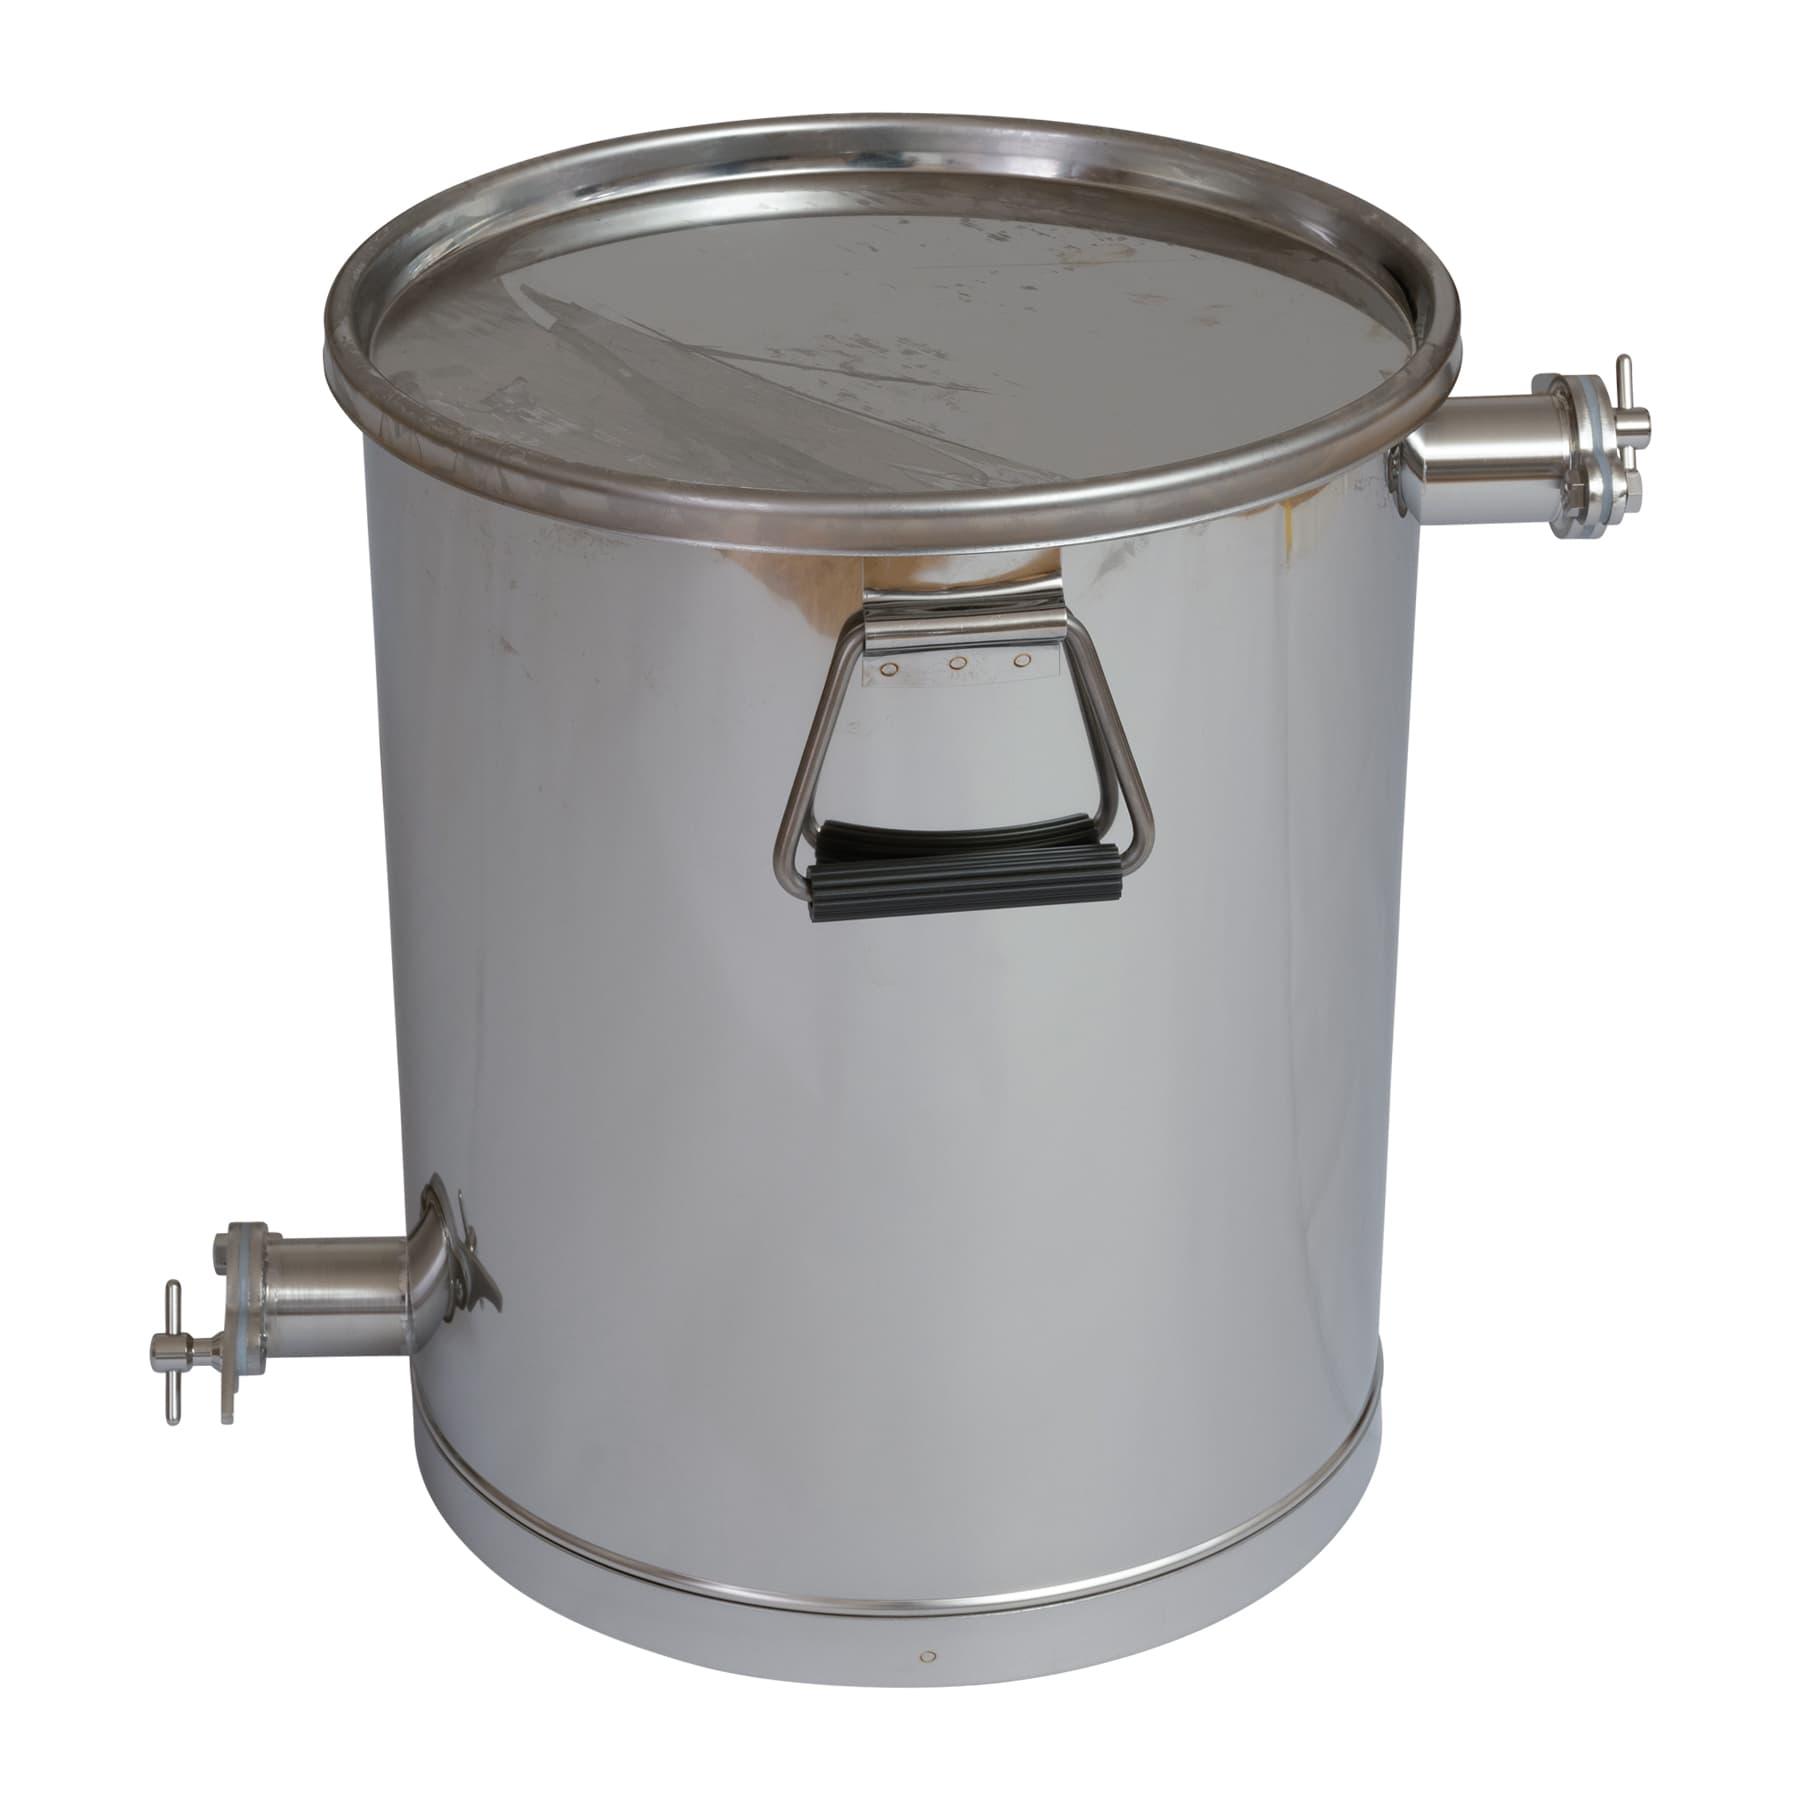 Siebbehälter bzw. Abfüllbehälter mit 2. Hahn oben 35 kg und Auflagedeckel